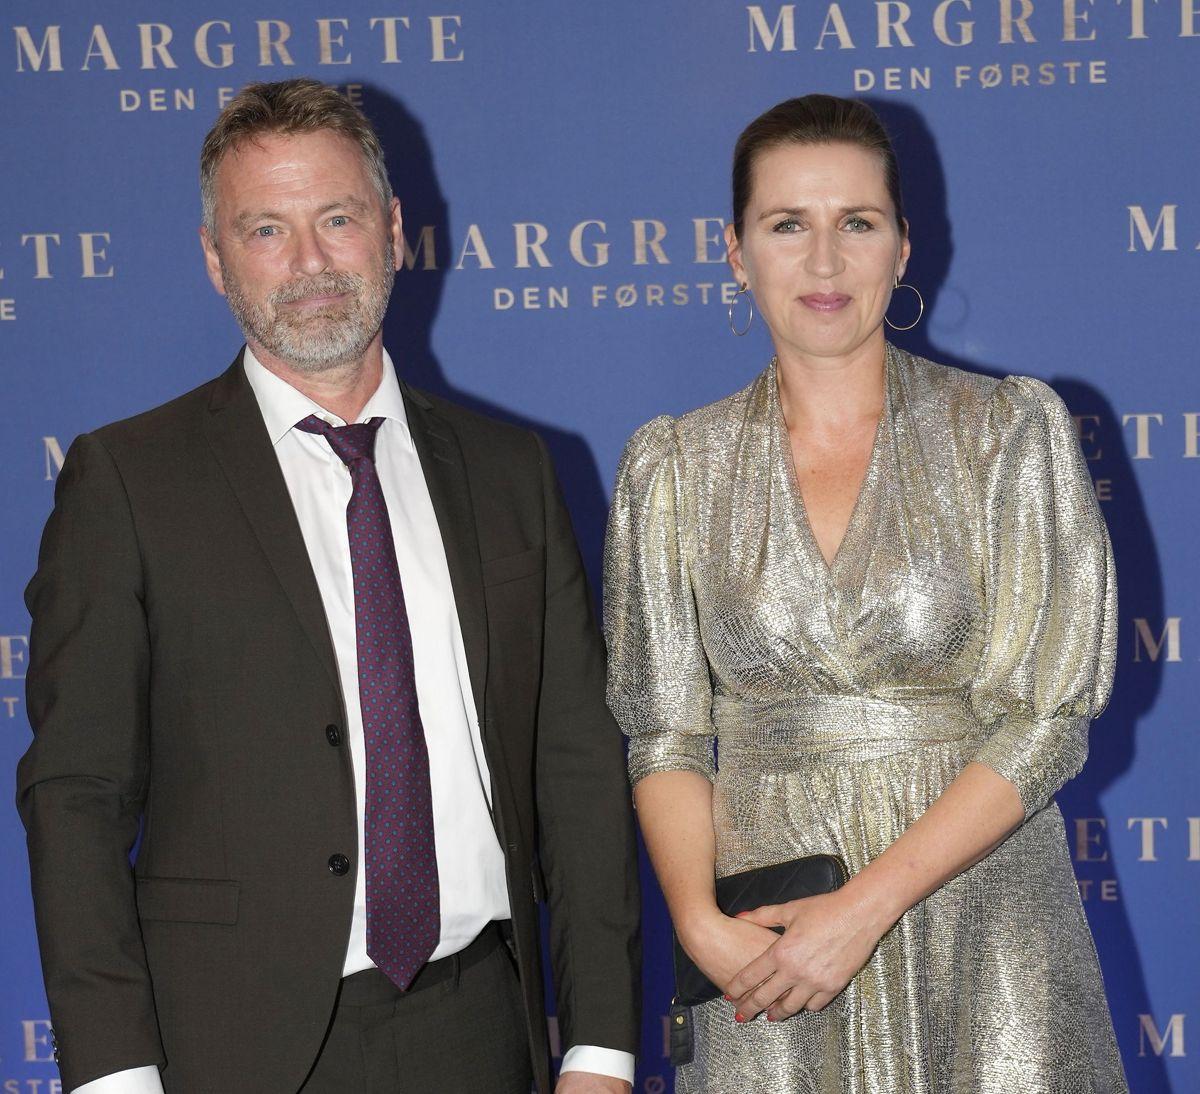 Statsminister Mette Frederiksen (S) og Bo Tengberg. Dronning Margrethe deltager i gallapremiere på filmen Margrete den første i Imperial Bio i København, onsdag den 8. september 2021.